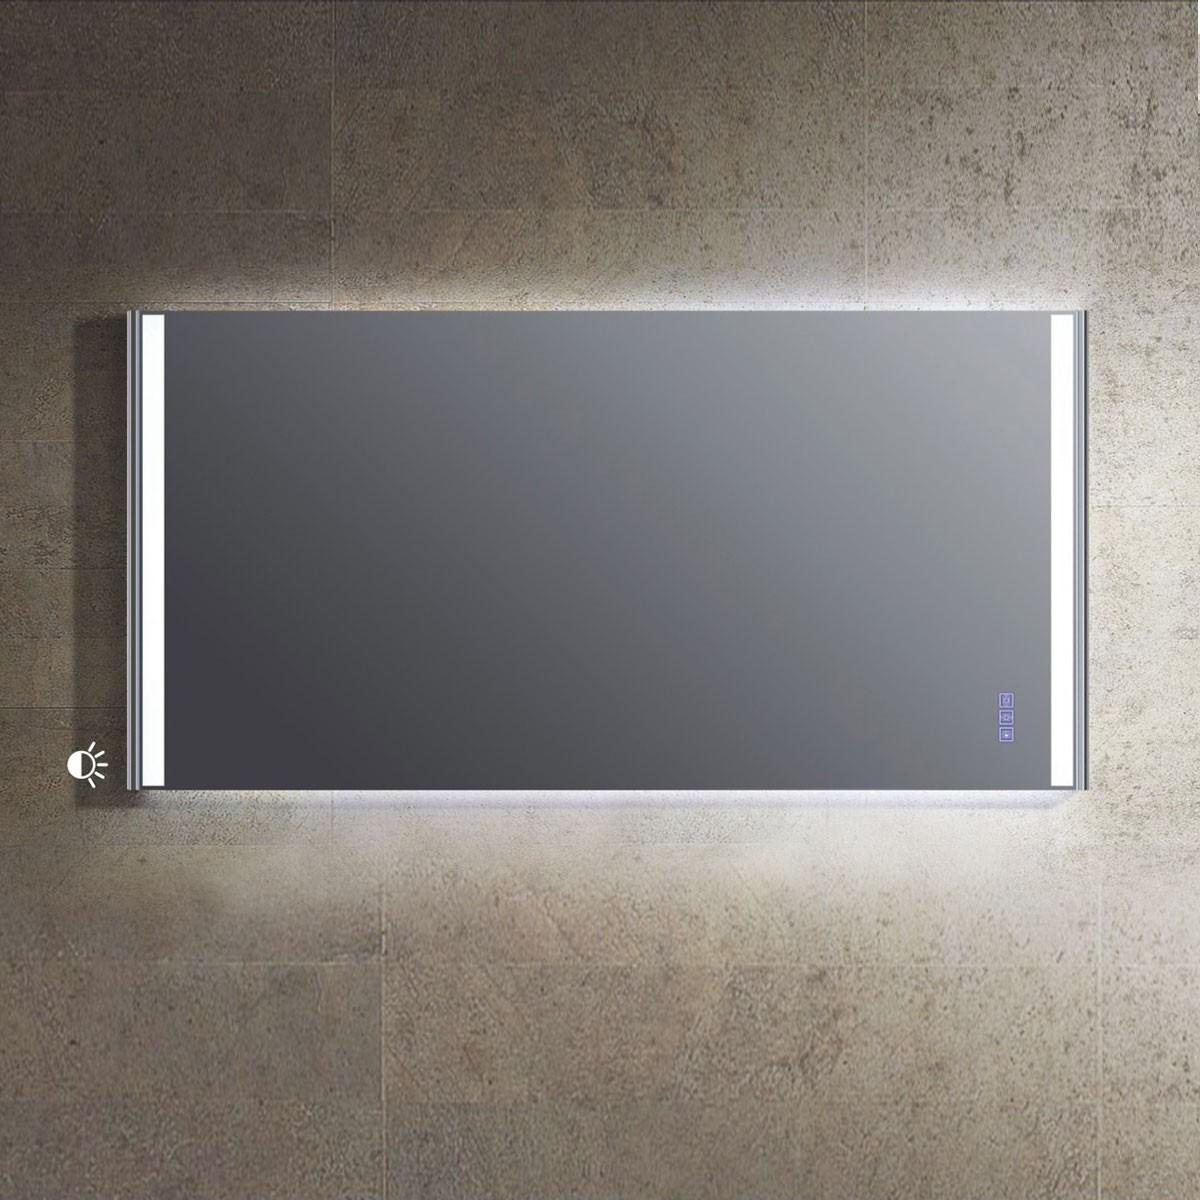 59 x 30 Po Miroir LED avec Bouton Tactile de Meuble Salle de Bain (DW1604D-M)